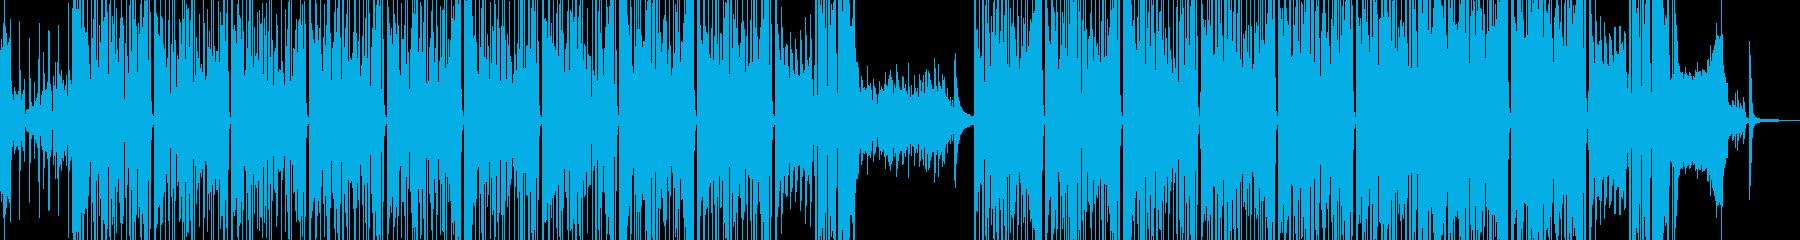 タイム制限クイズのようなポップス Cの再生済みの波形